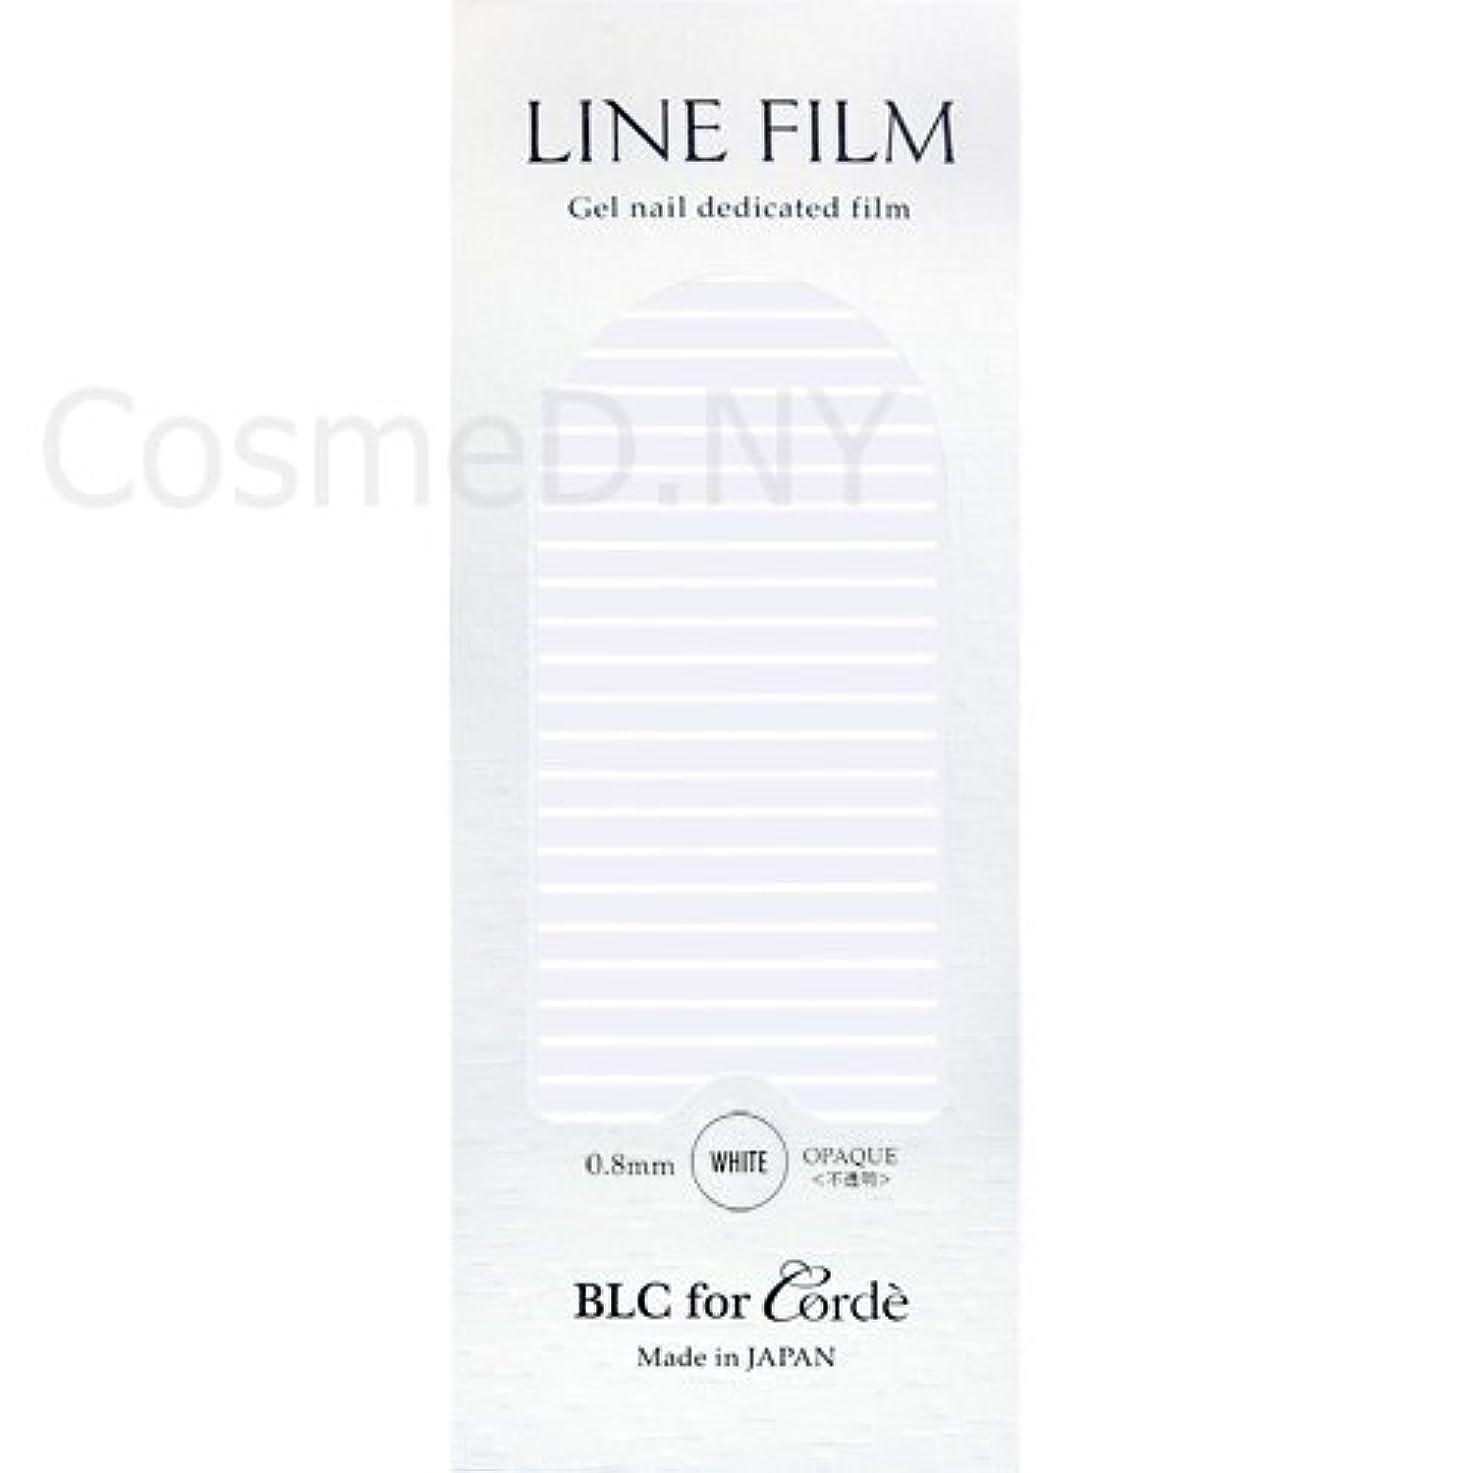 橋脚無法者ペーストBLC for Corde(ビーエルシーフォーコーデ)ラインフィルム ホワイト 0.8mm【ネイルアート、ネイルシール】